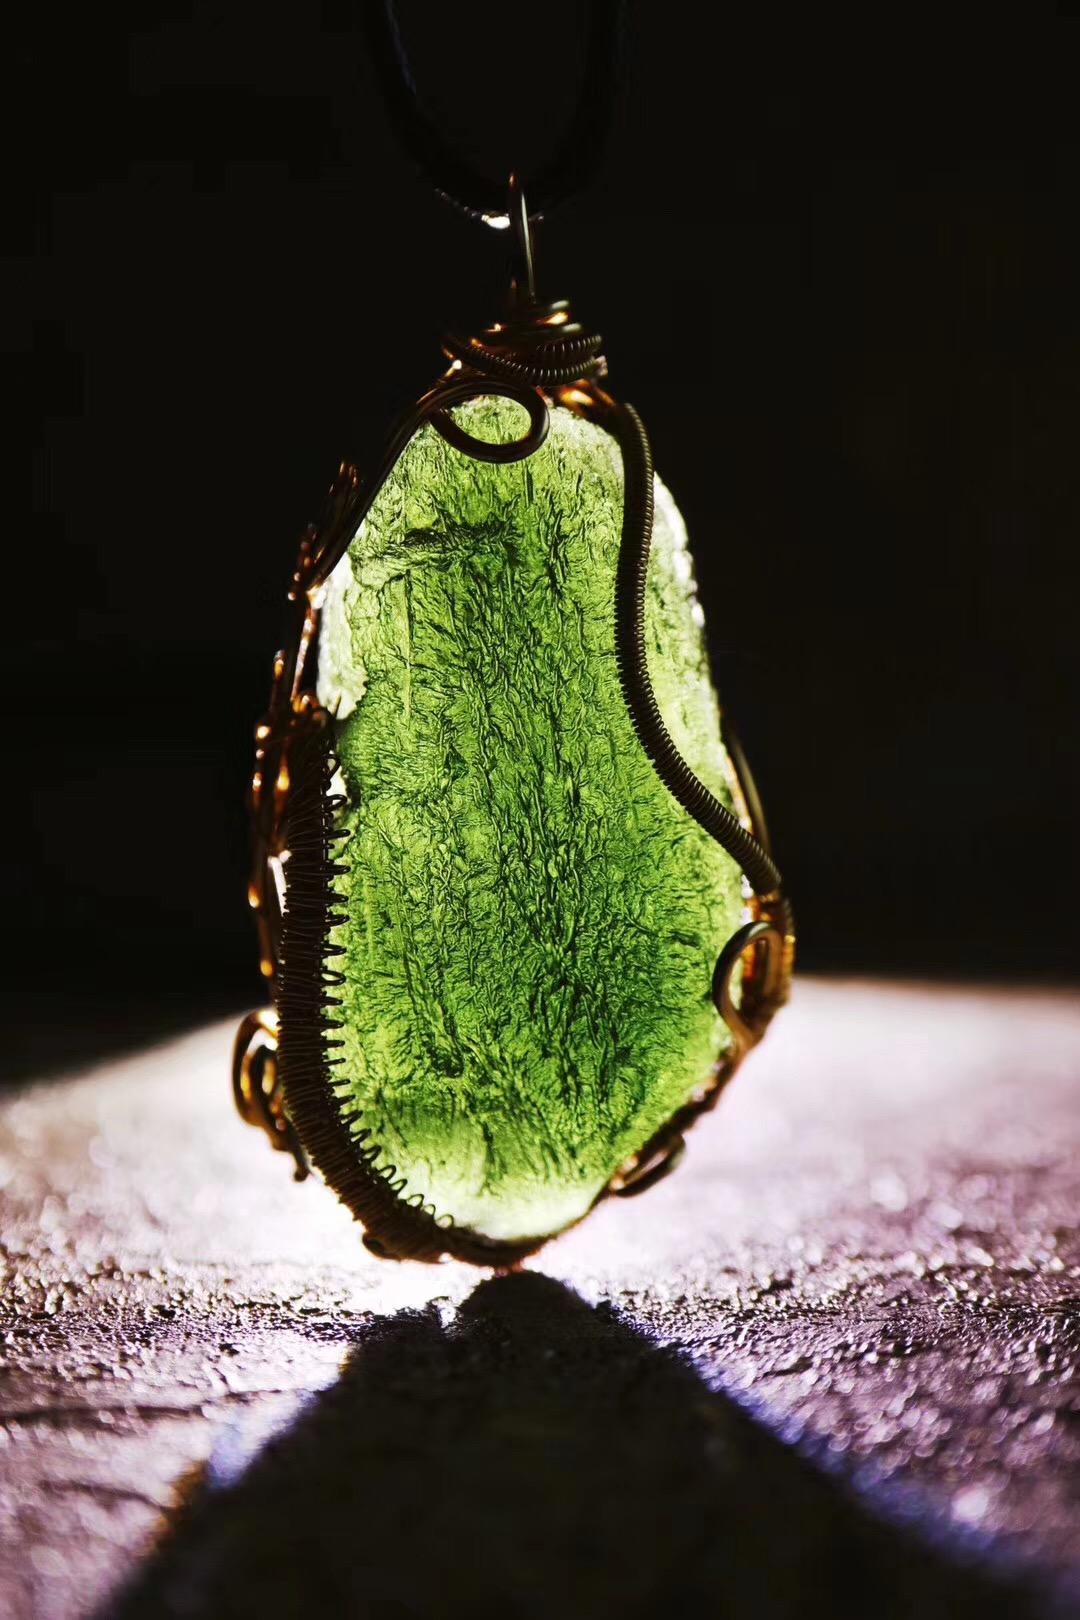 【捷克陨石&智慧之眼】智慧是一种看待事物的视角-菩心晶舍